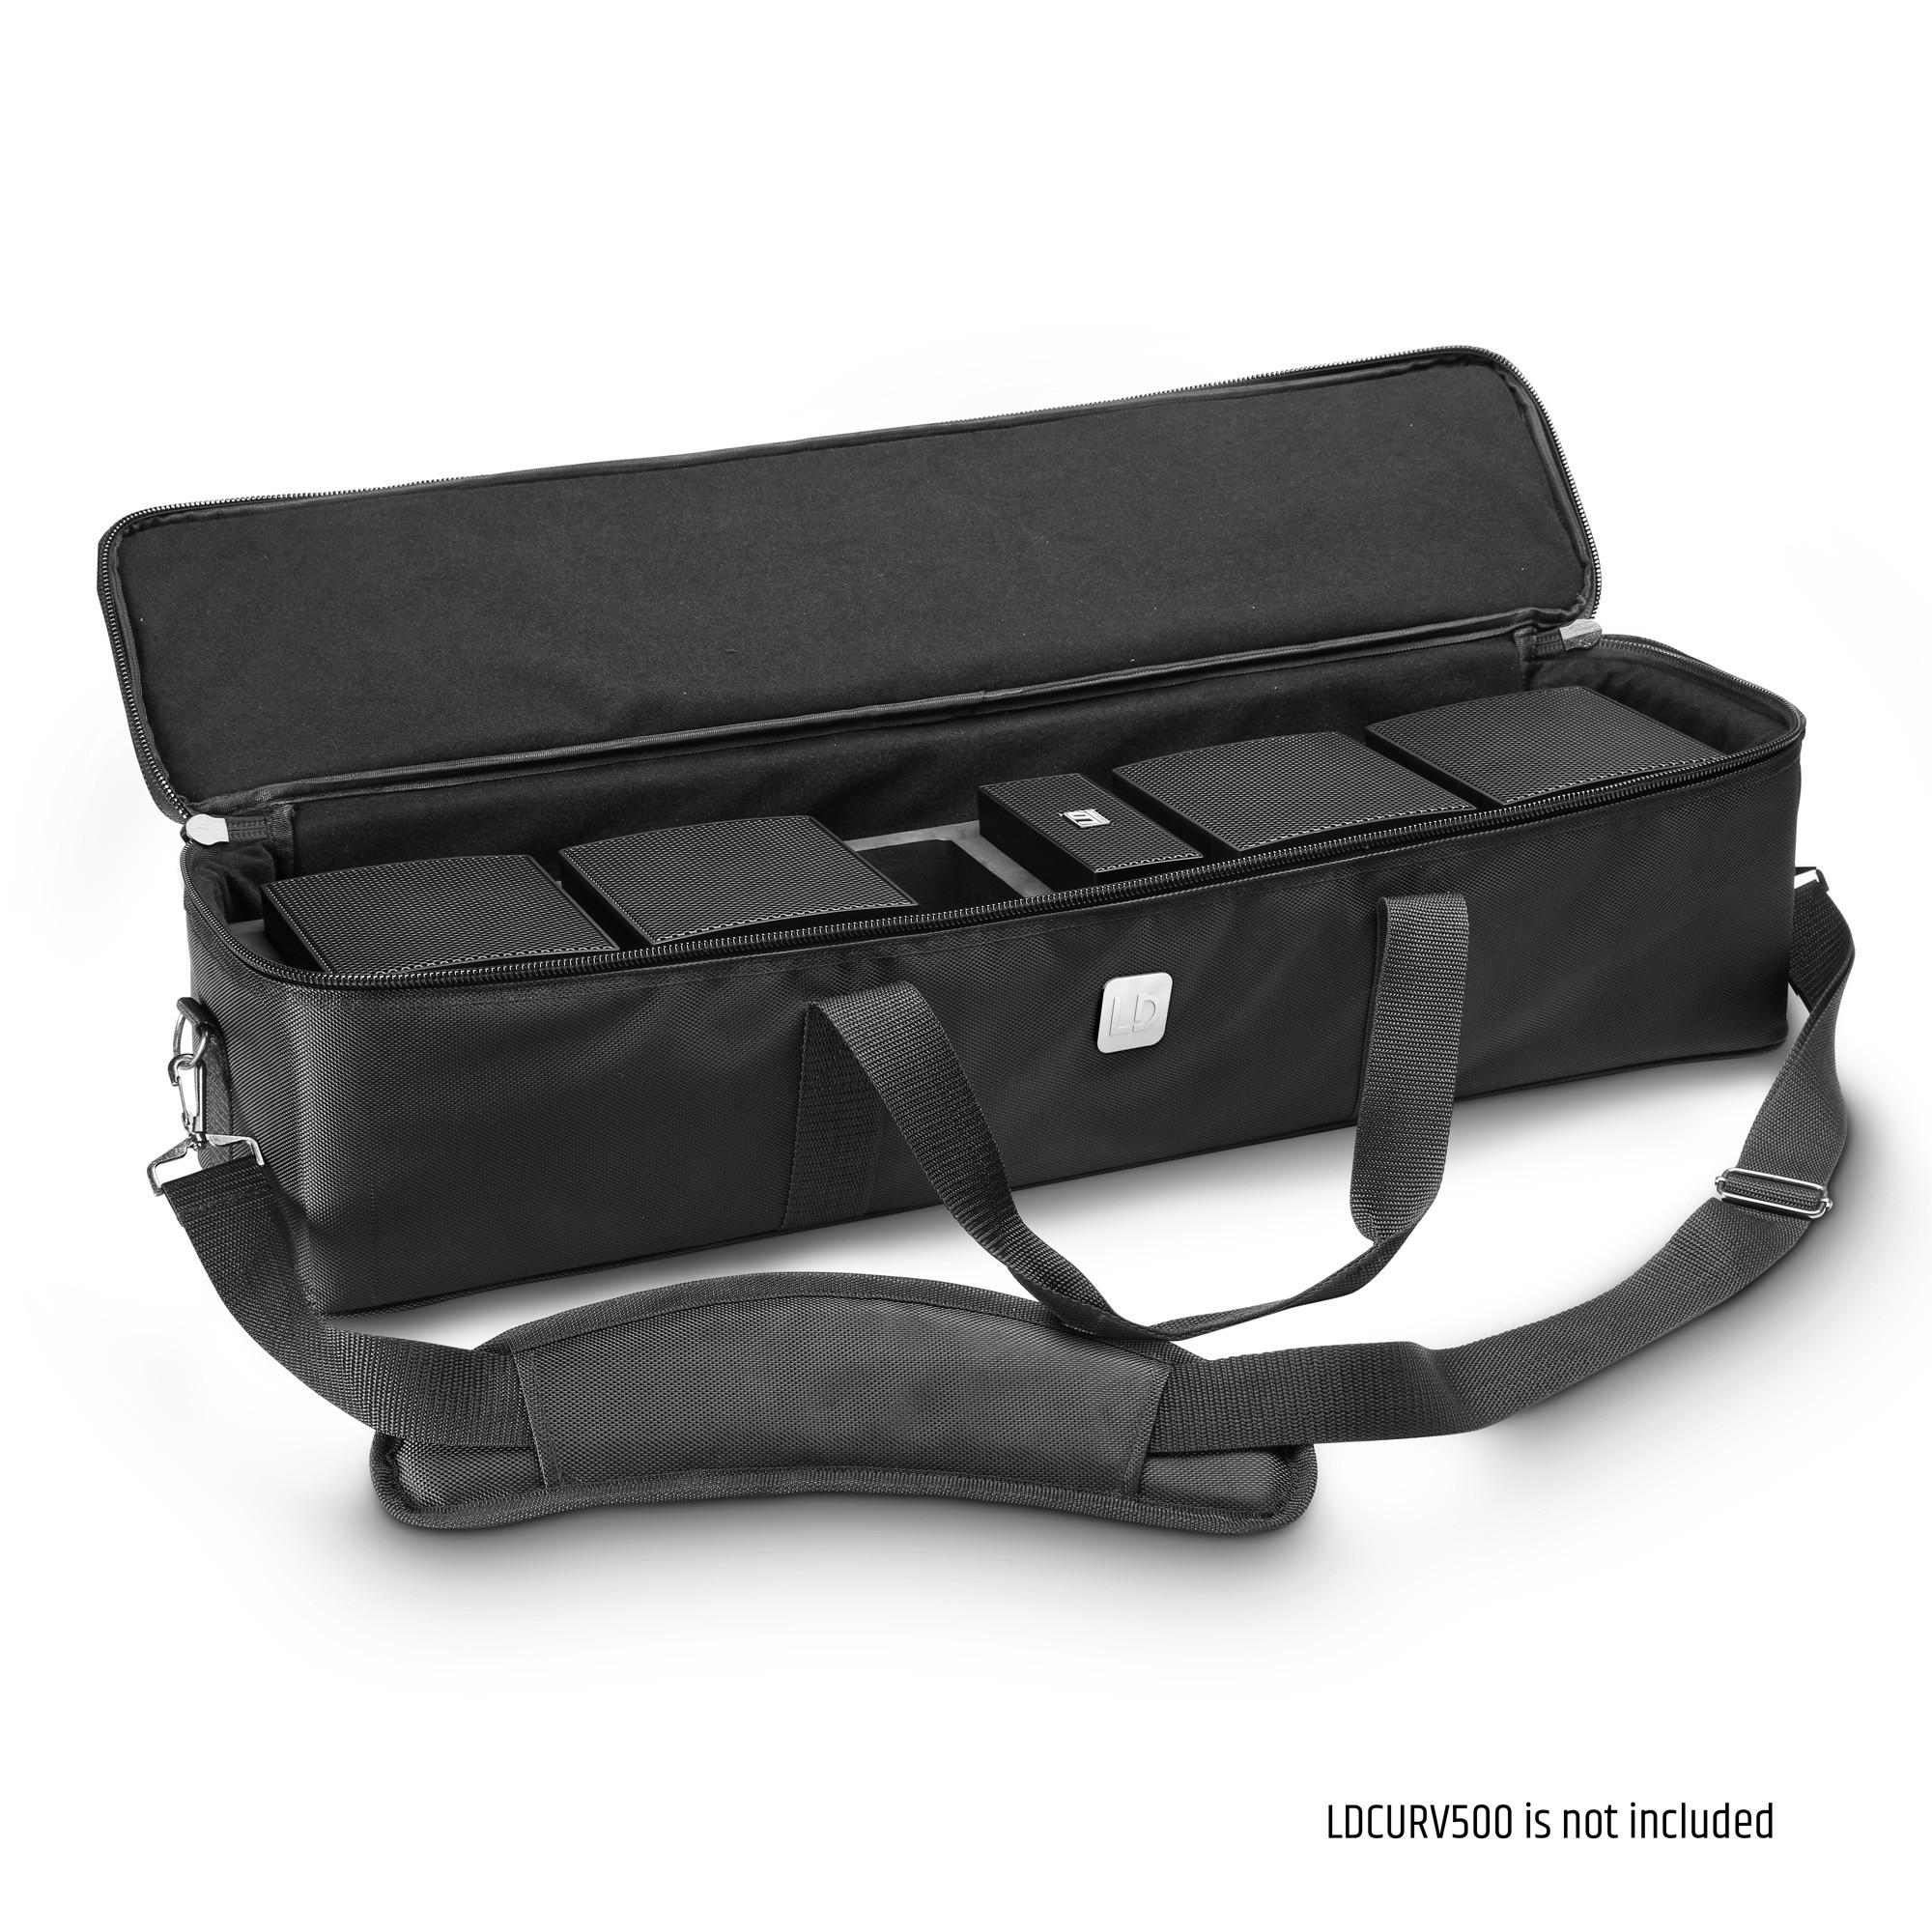 CURV 500 SAT BAG Transporttasche für 4 CURV 500 Satelliten